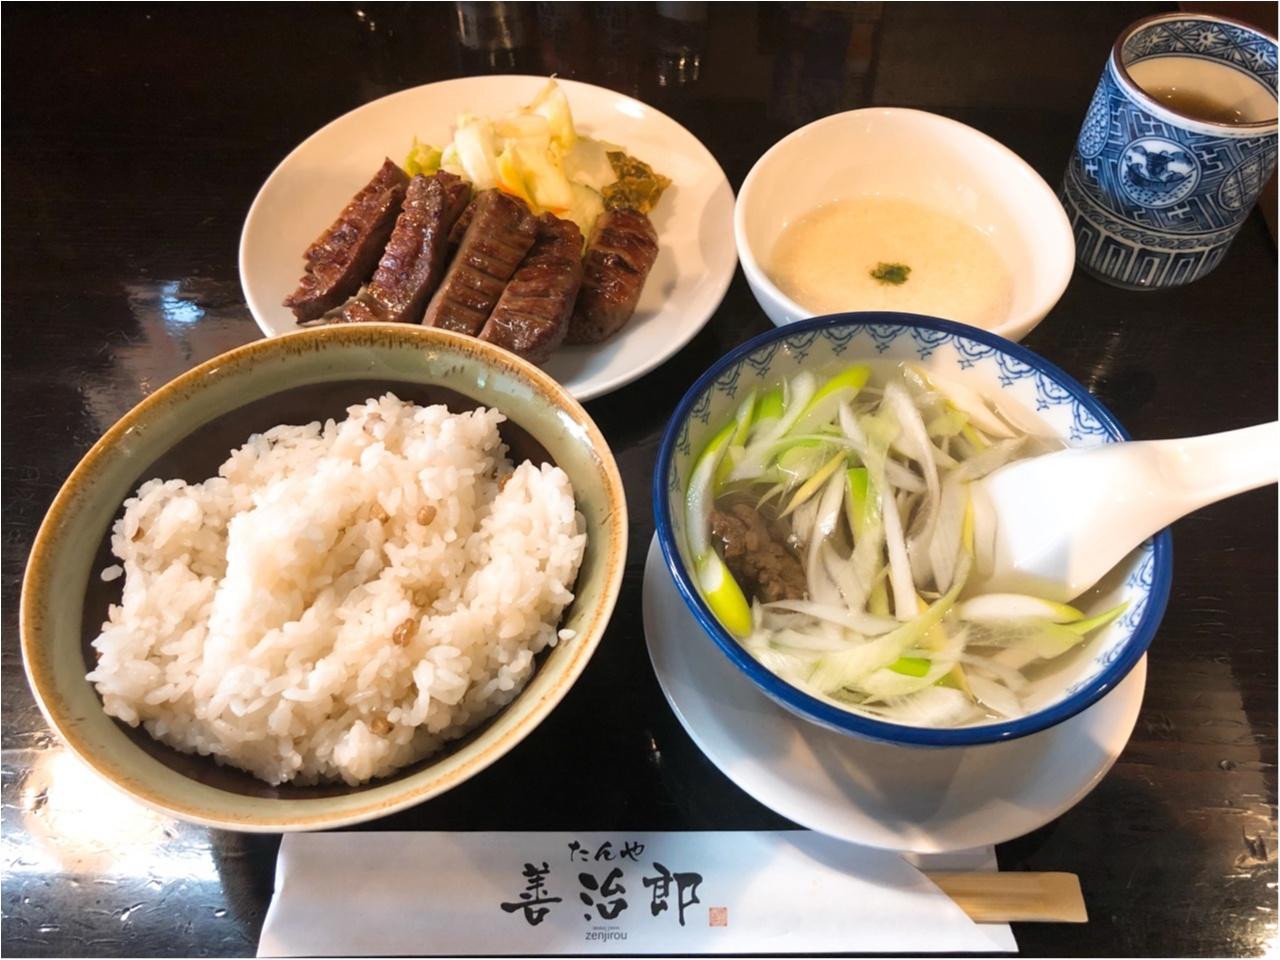 仙台でしか味わえない!『たんや善治郎』の極厚絶品牛たんはコレ!!_2